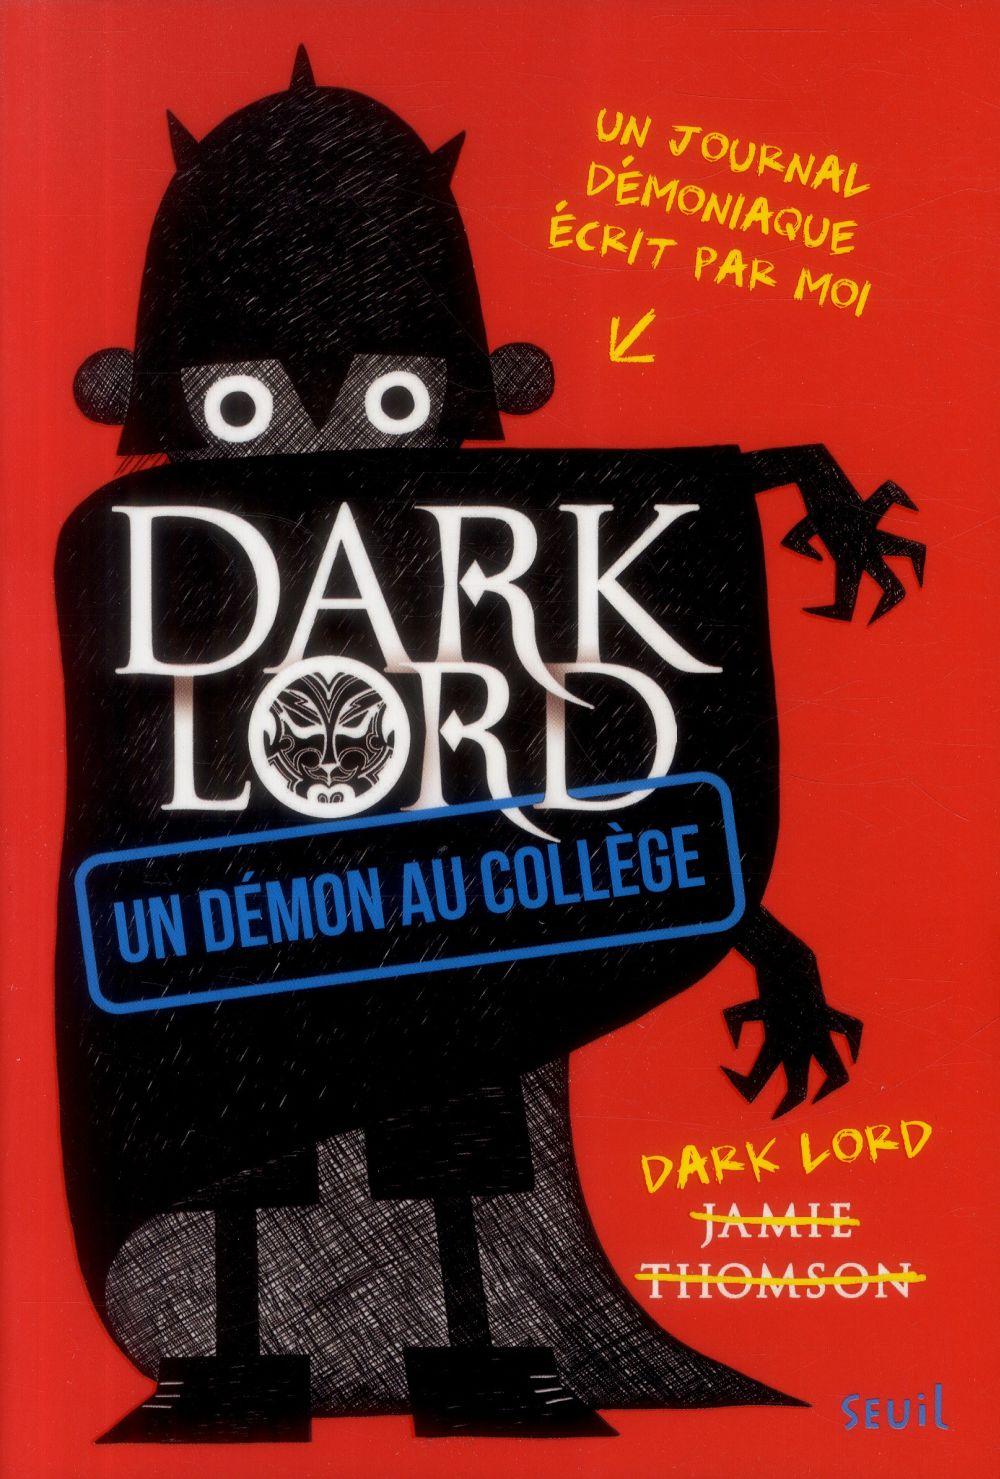 Un démon au collège. Dark Lord, Un démon au collège, tome 1